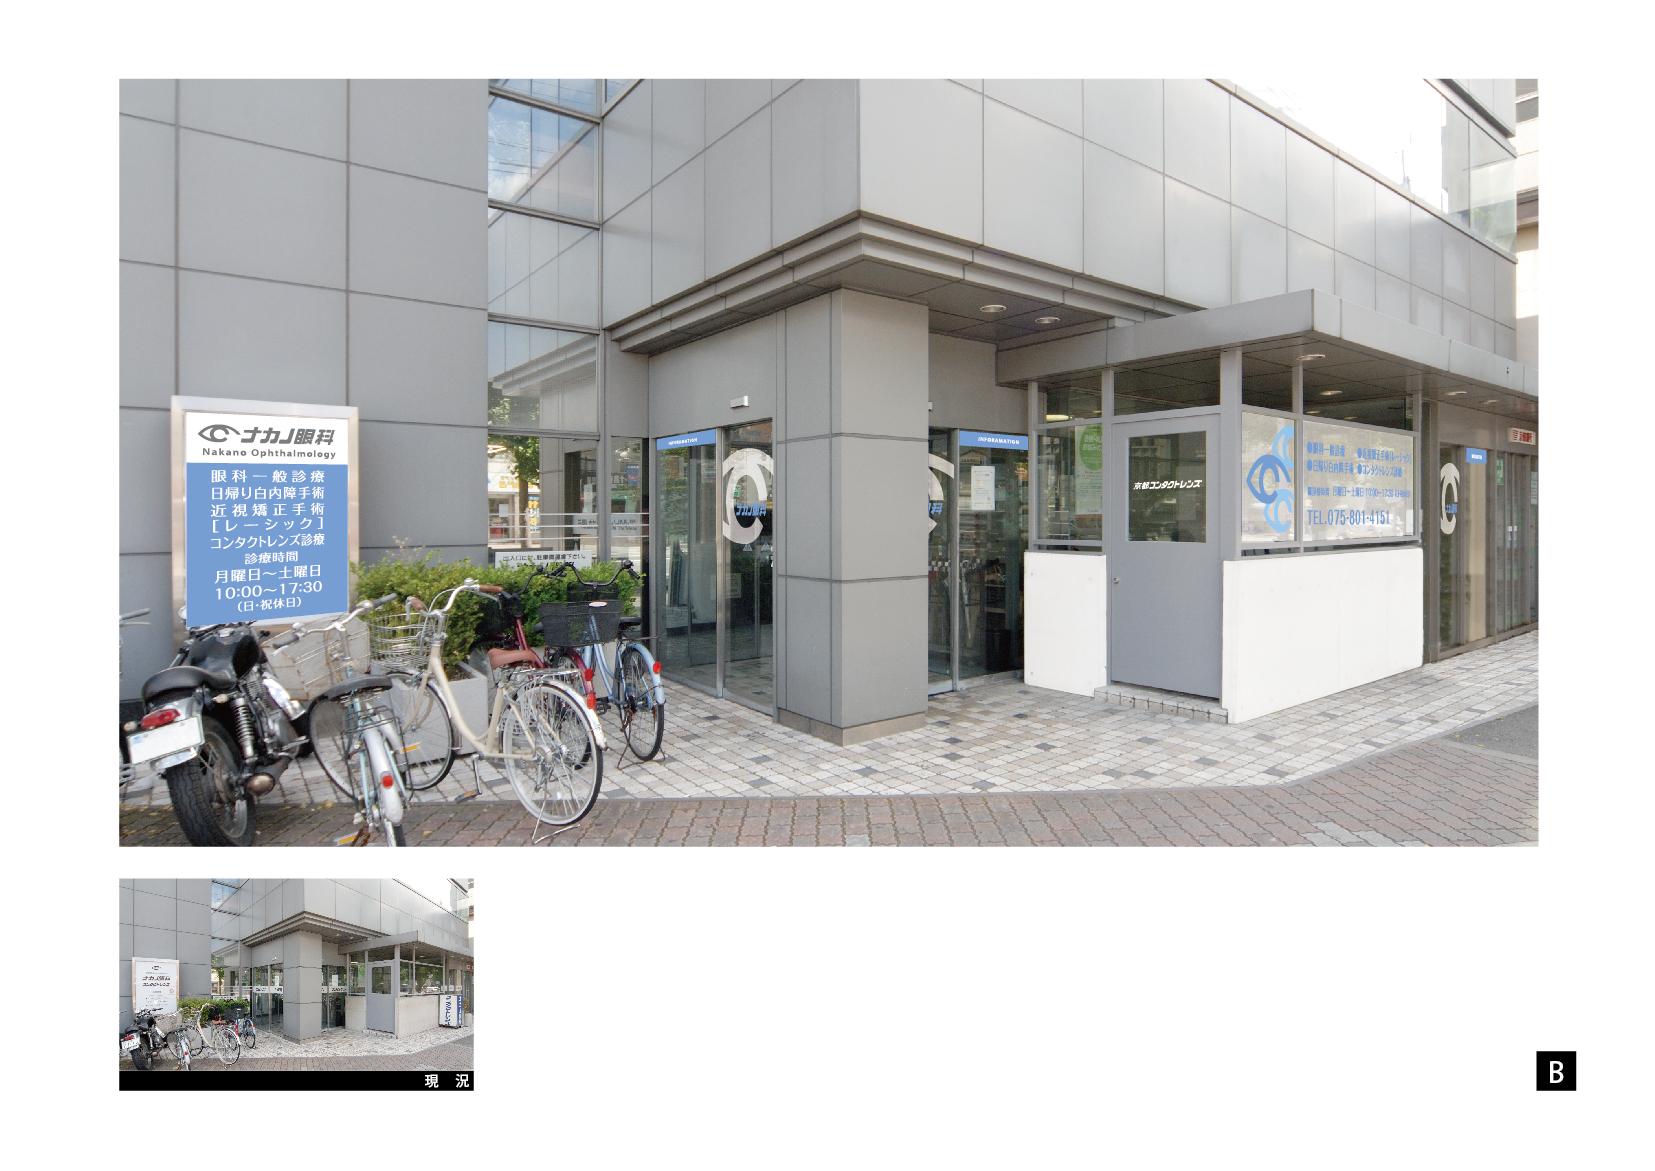 ナカノ眼科本院ファサードサイン提案12